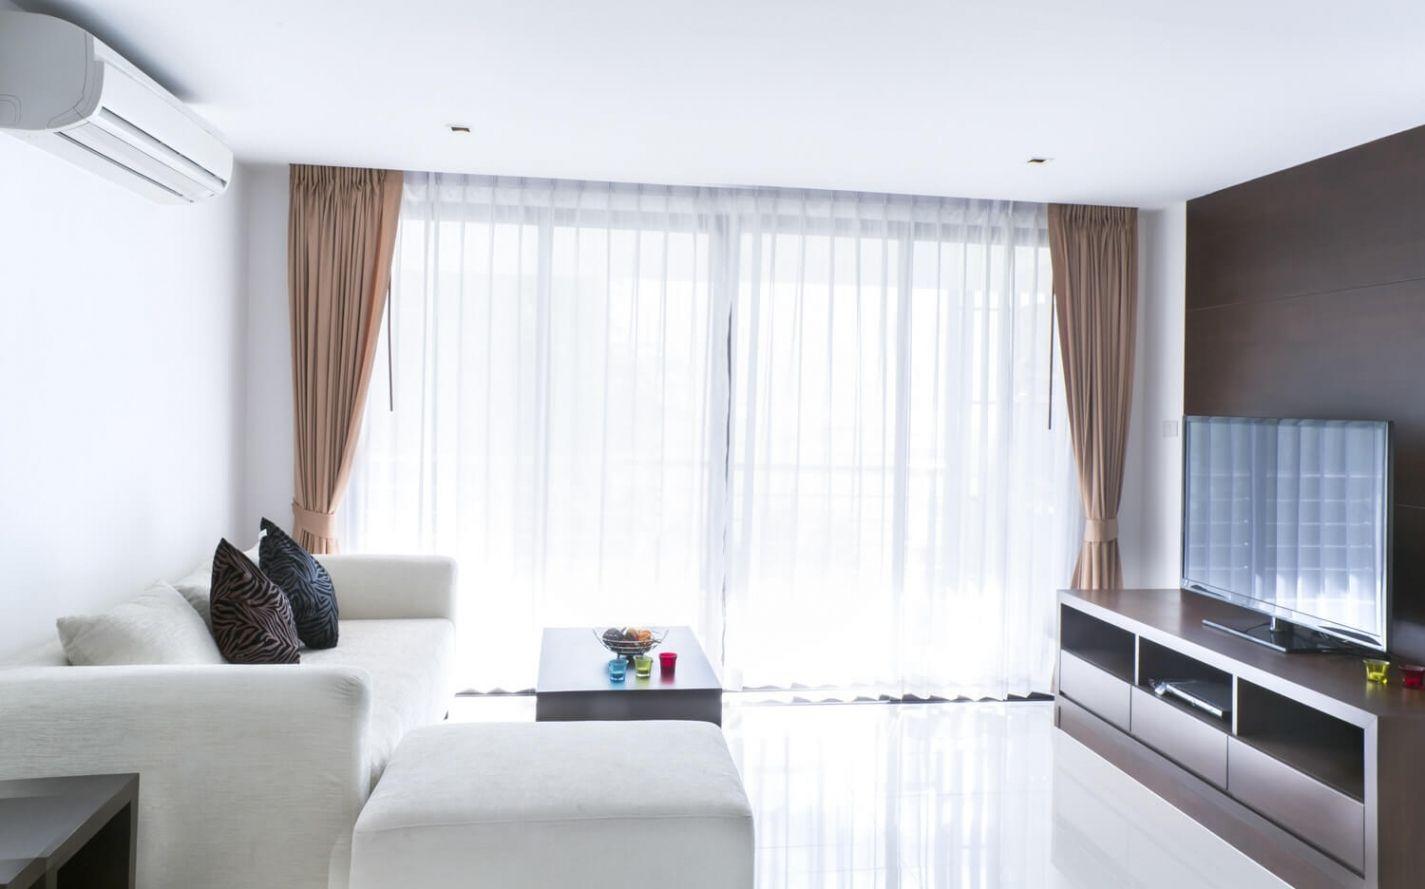 Attraktiv Gardinen Für Wohnzimmer Bilder